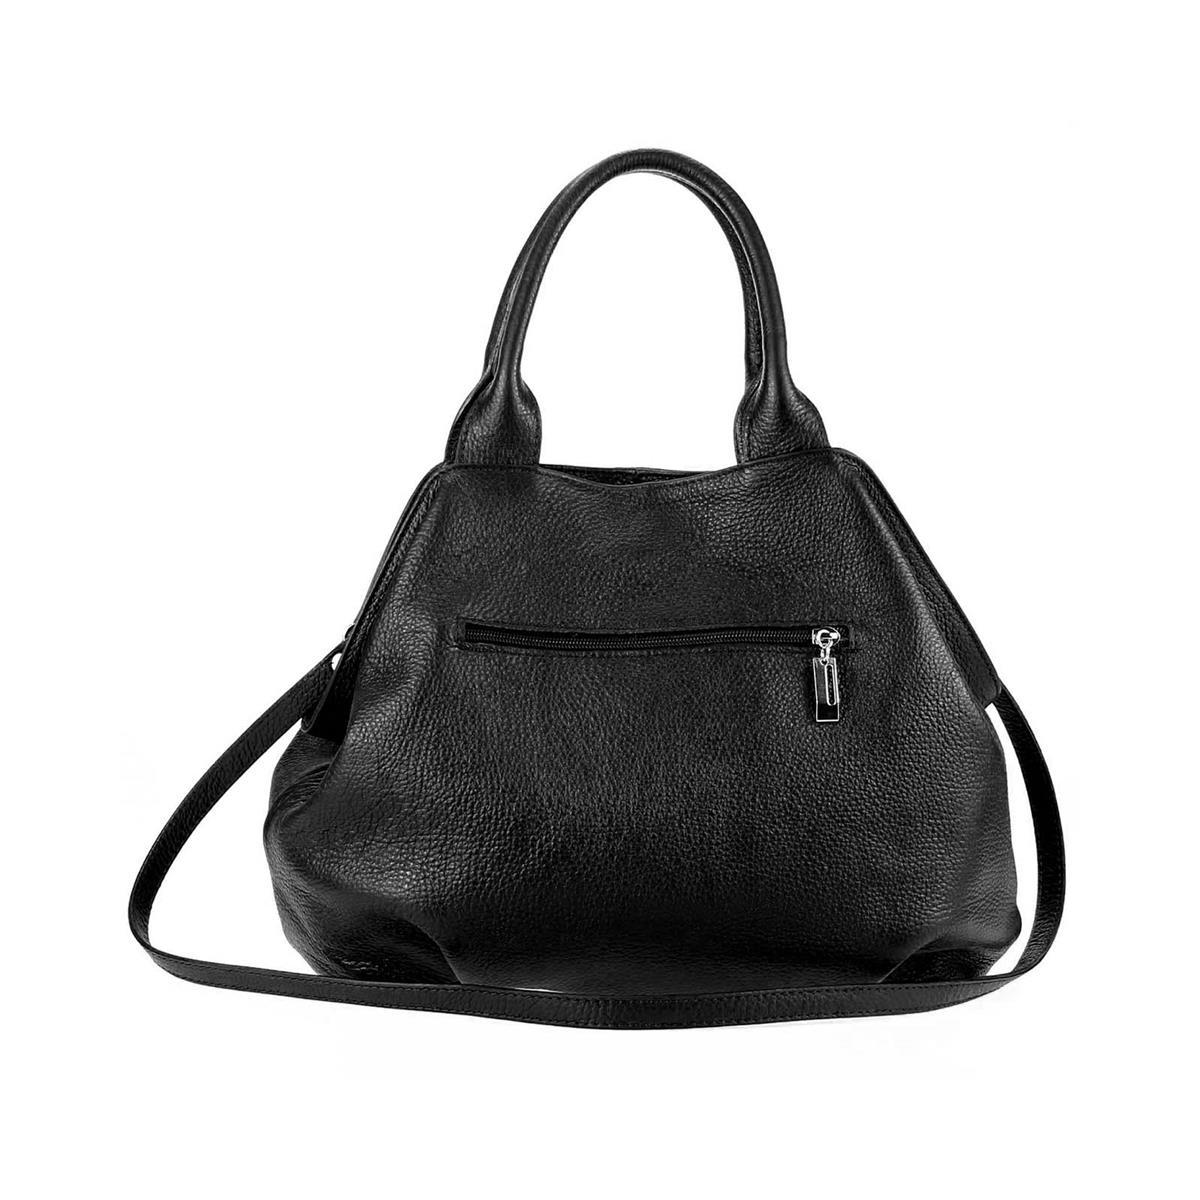 ITALY-LEDER-SHOPPER-Umhaengetasche-Schulter-Hand-Tasche-Damentasche-Ledertasche Indexbild 25